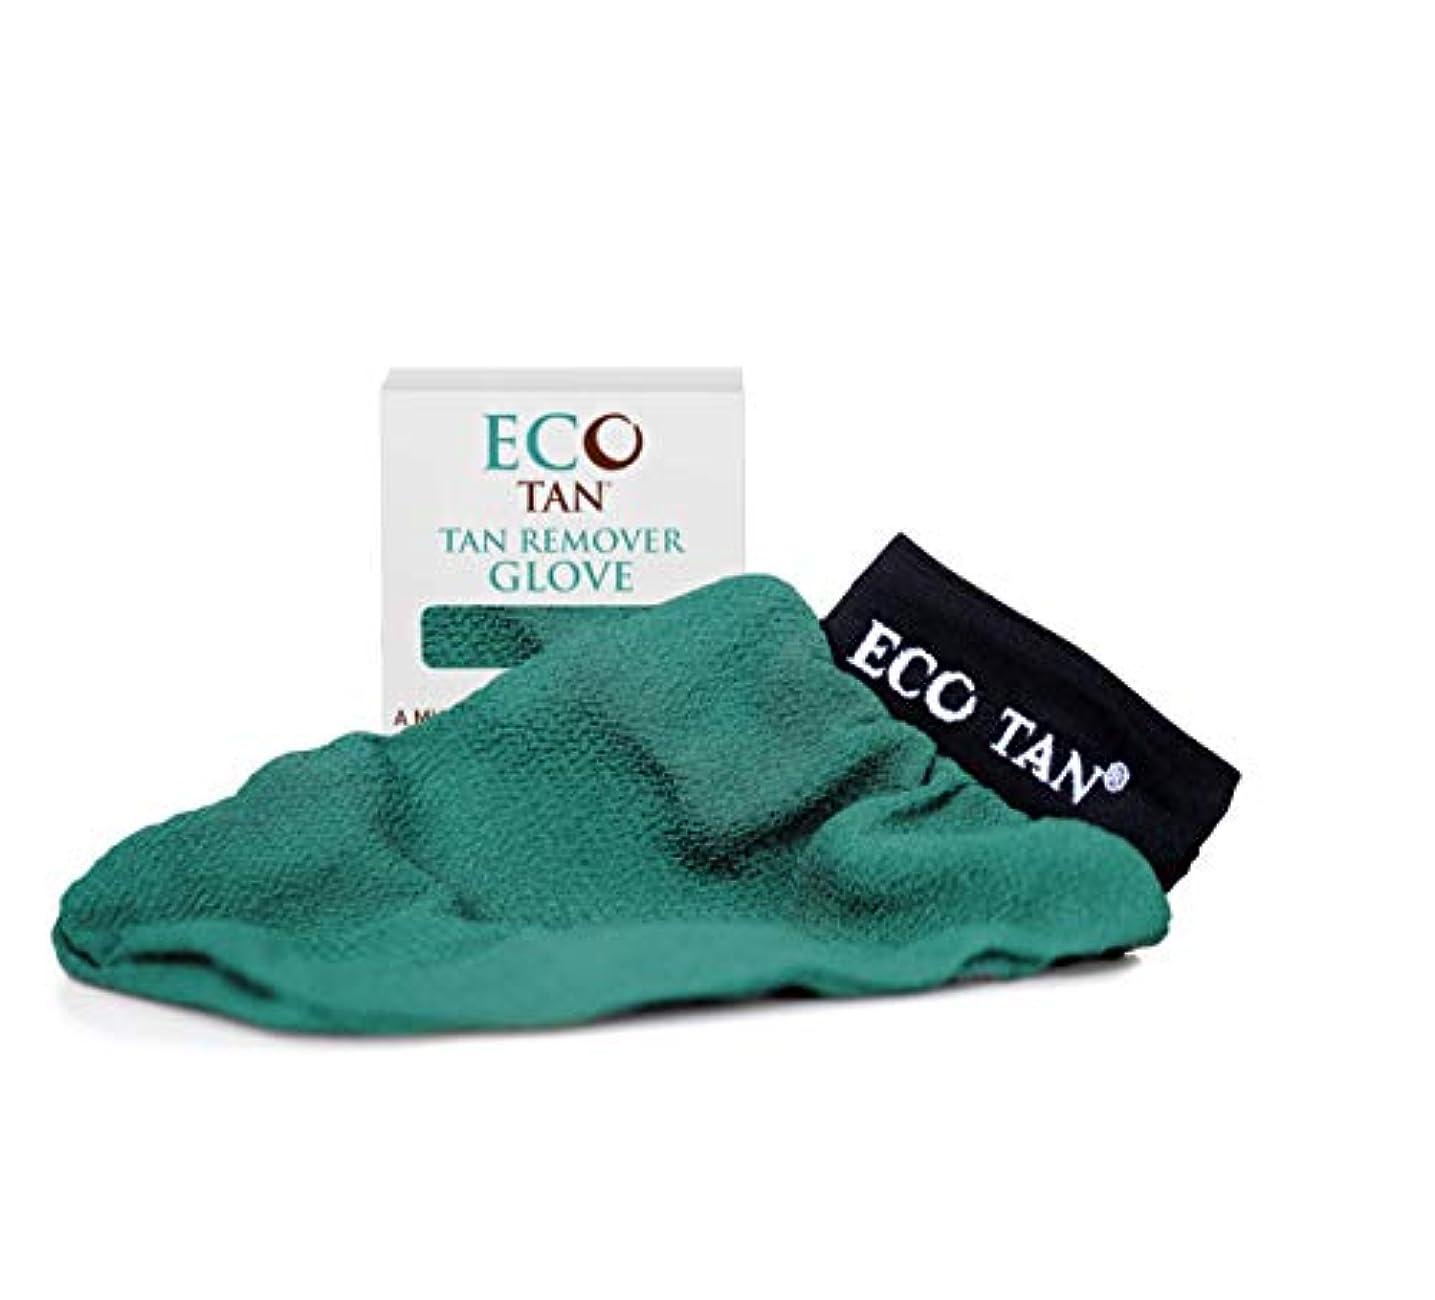 広まった真っ逆さま蒸EcoTan(エコタン) エクストリーム スクラブミトン